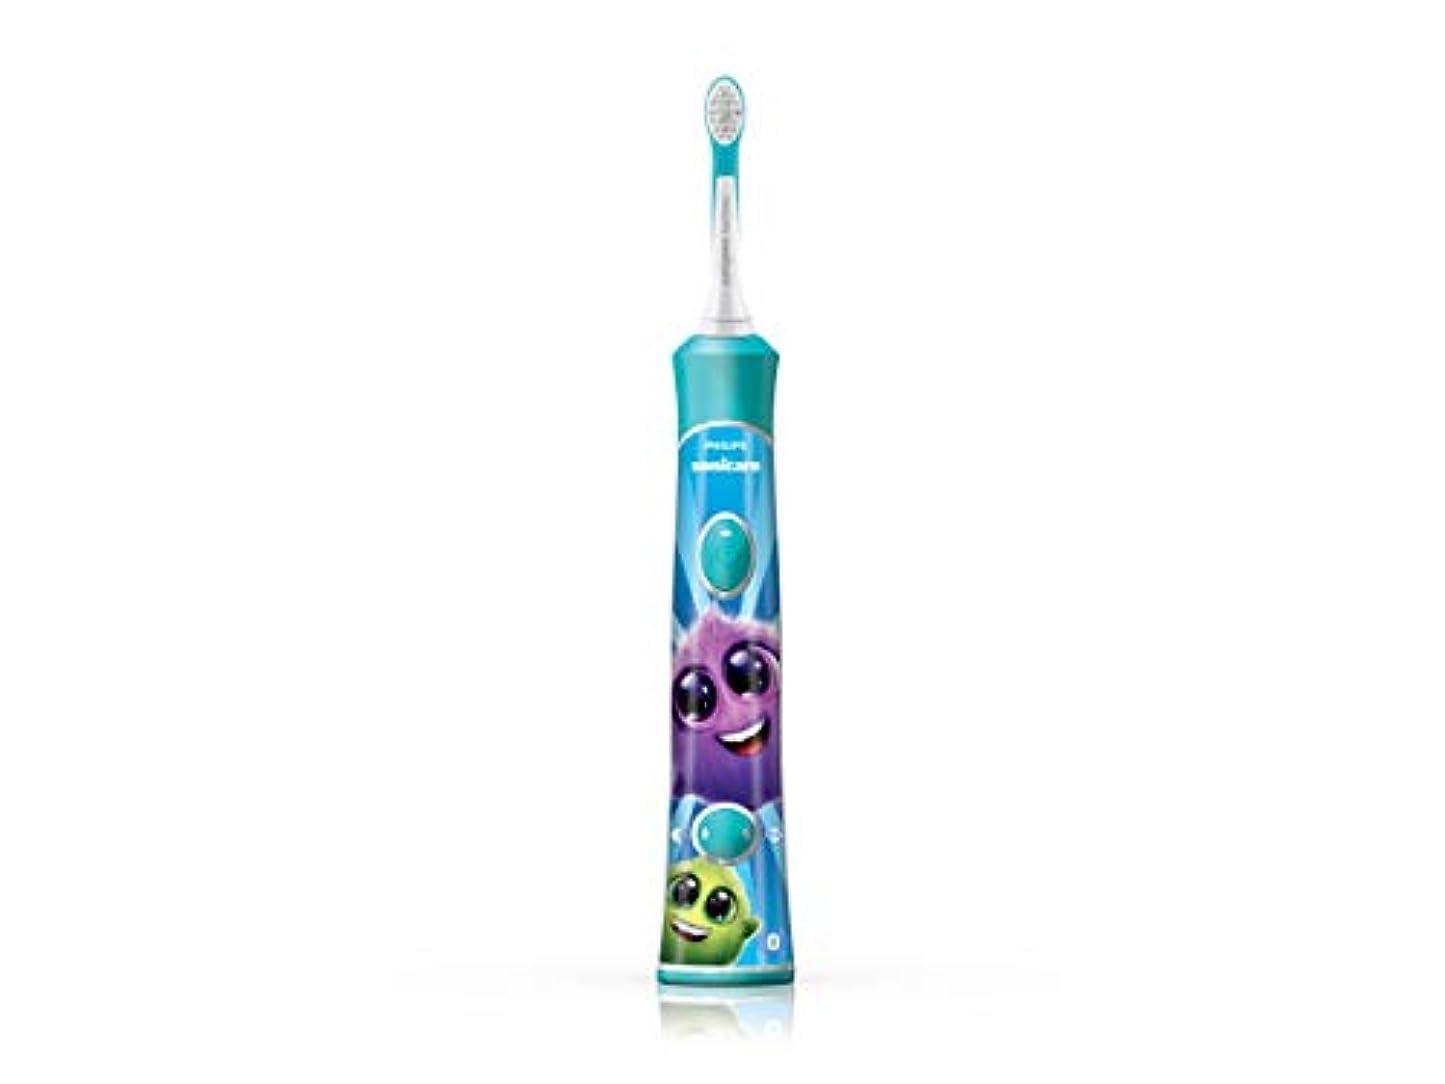 ごちそうリフト通行人フィリップス ソニッケアー キッズ こども用電動歯ブラシ アプリ連動 HX6326/03